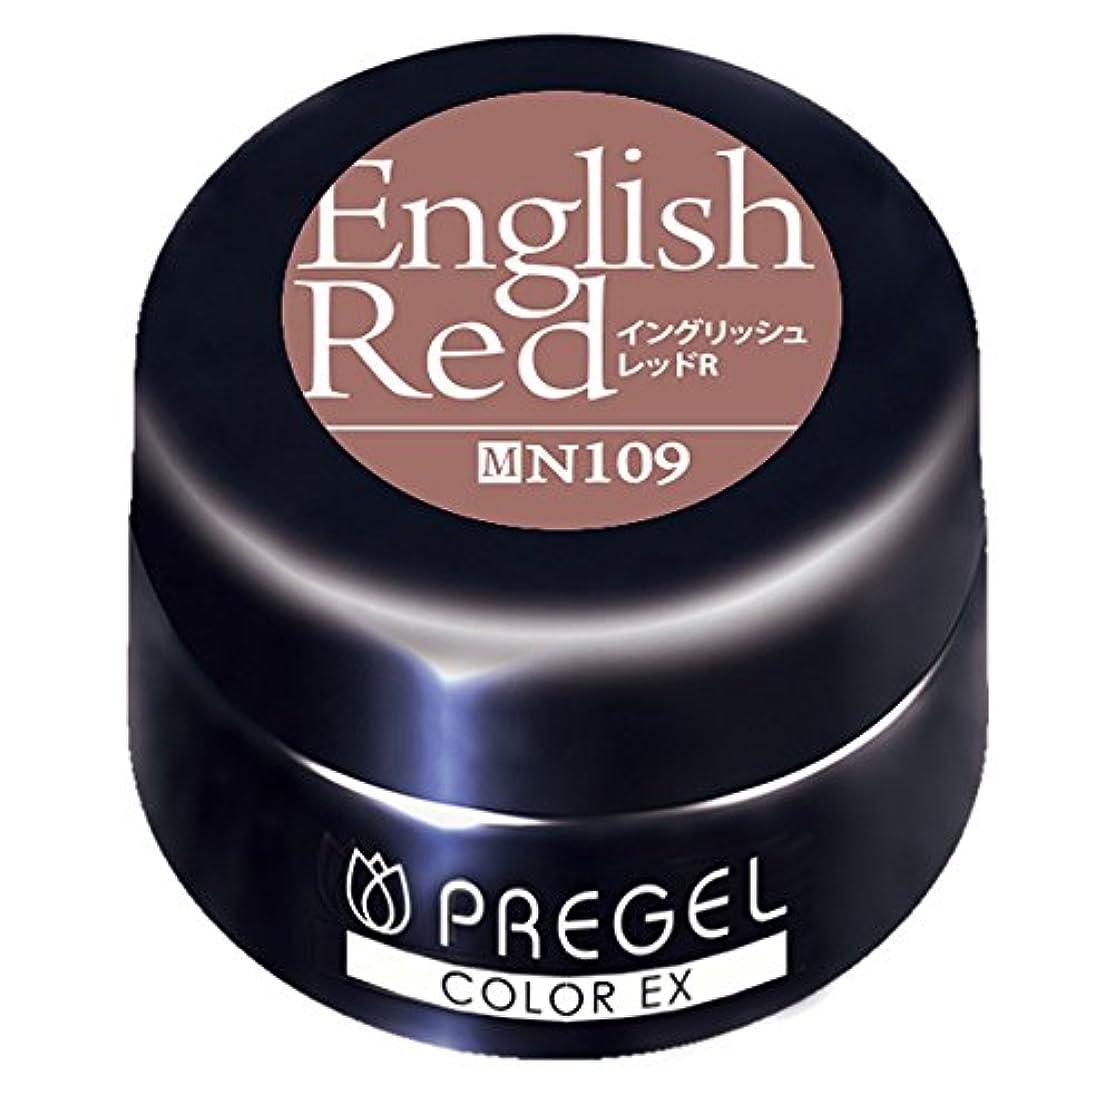 先割り込み故障PRE GEL カラージェル カラーEX イングリッシュレッド R109 3g UV/LED対応タイオウ